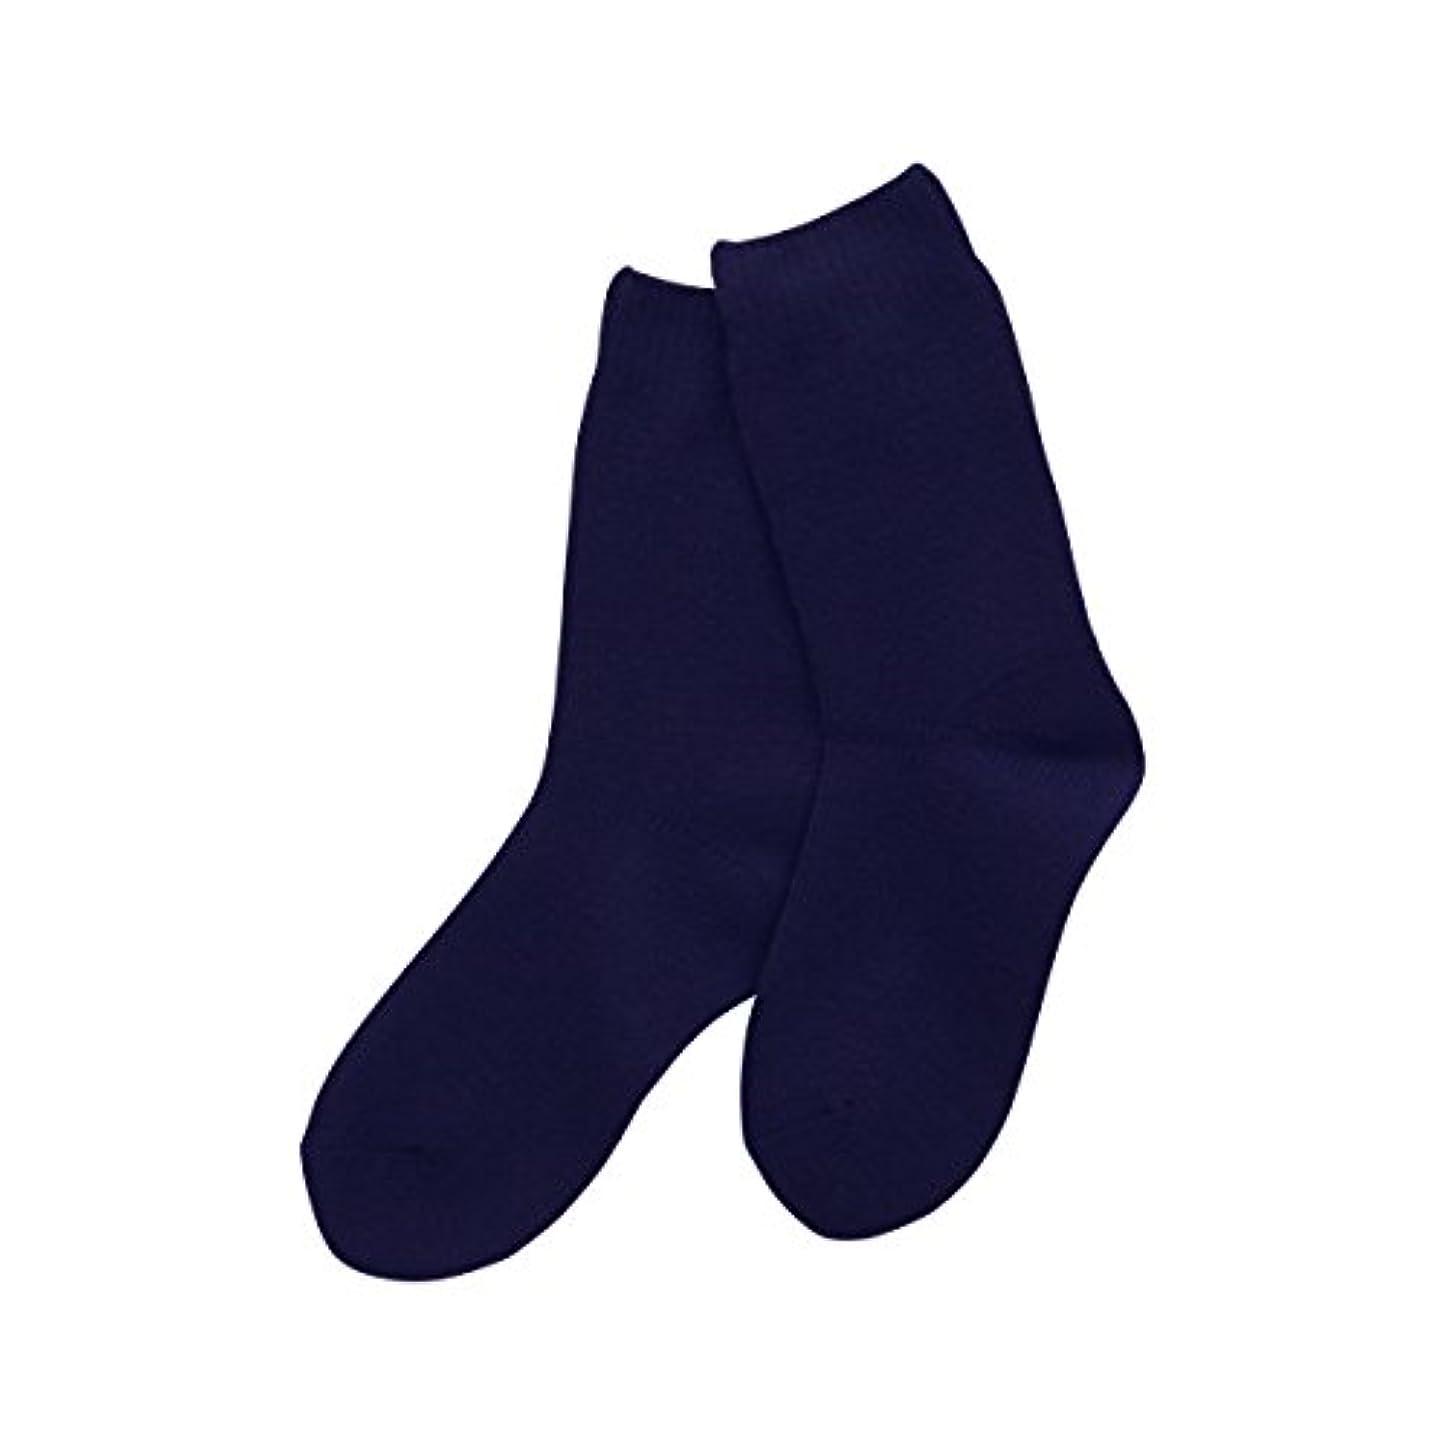 褐色空白パッド(コベス) KOBES ゴムなし 毛混 超ゆったり特大サイズ 靴下 日本製 紳士靴下